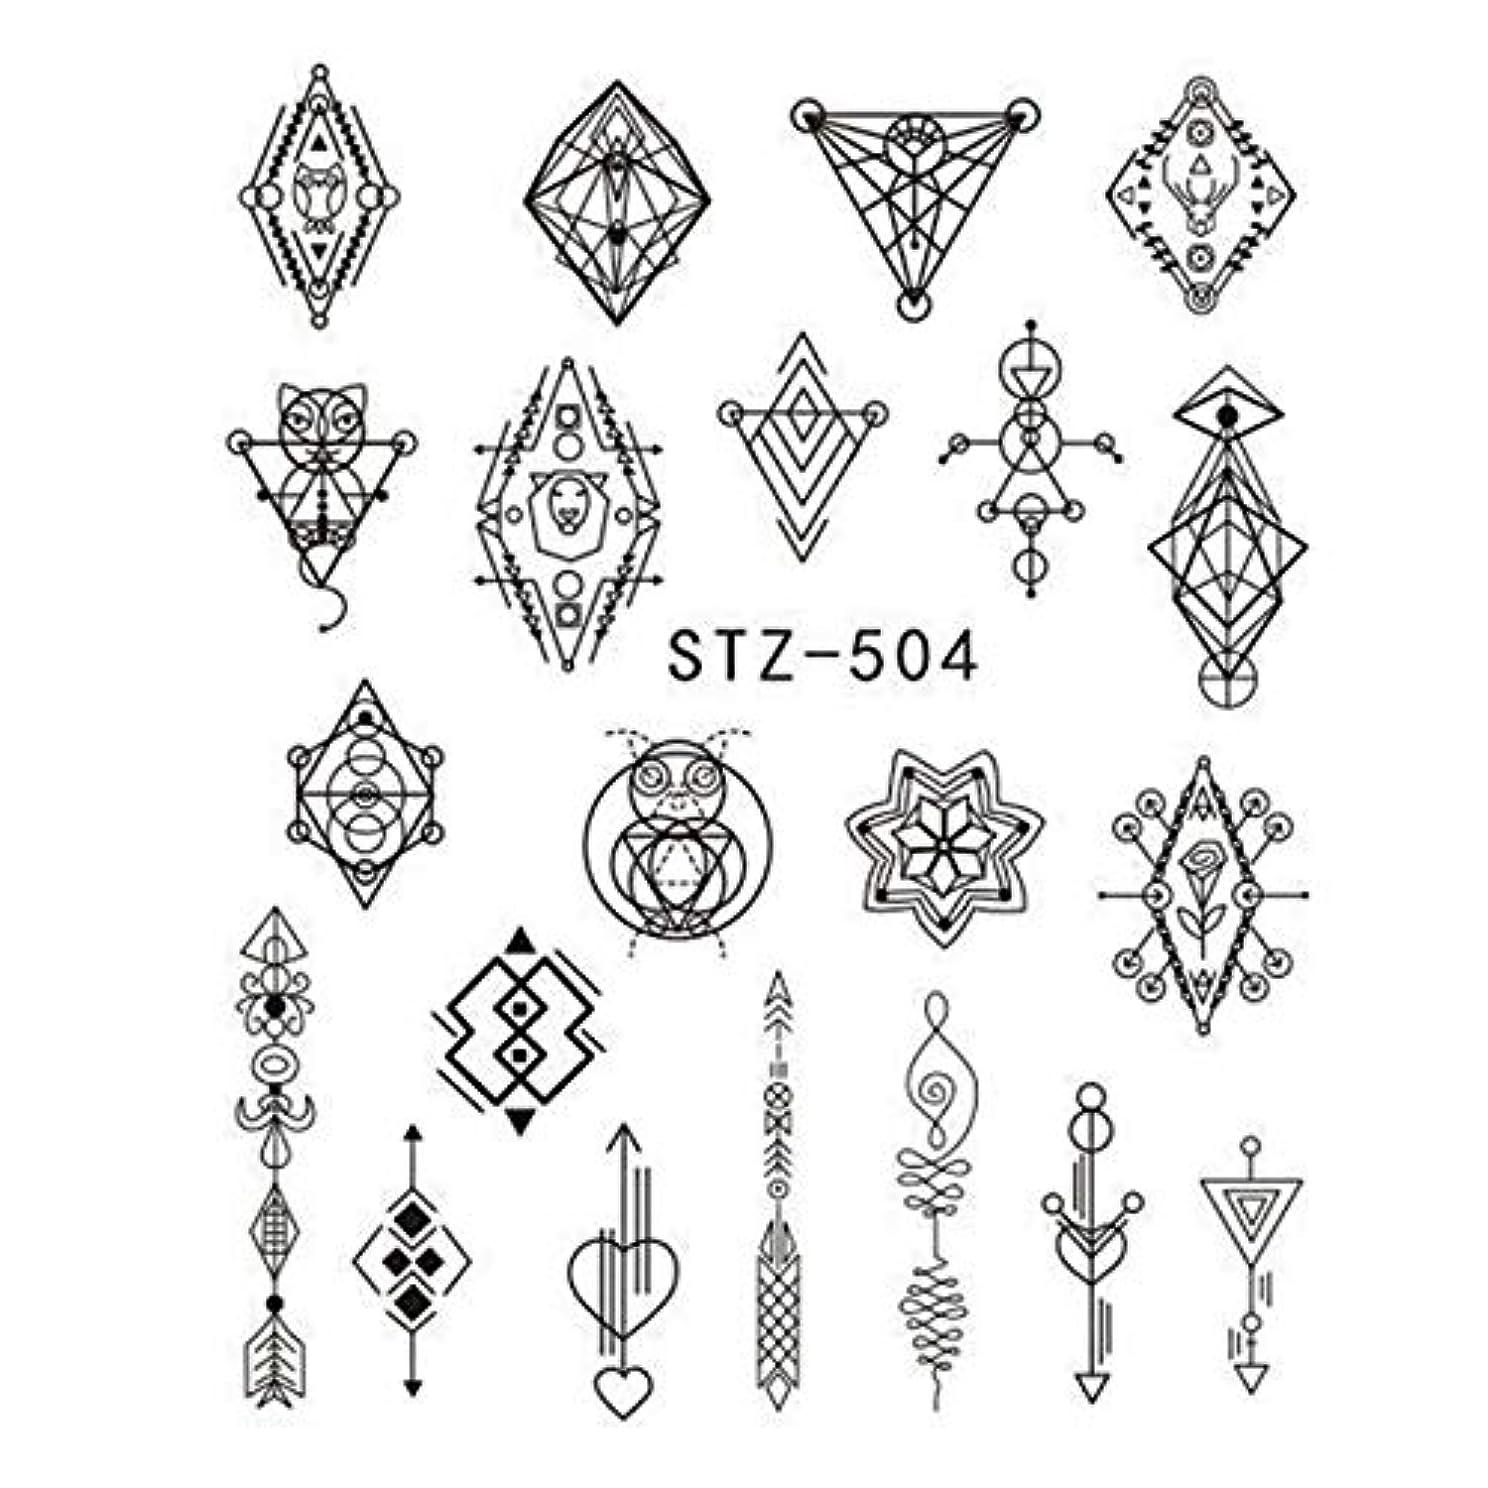 ビューティー&パーソナルケア 3個DIYのファッション水転写アートデカールネイルステッカー(STZ500) ステッカー&デカール (色 : STZ504)